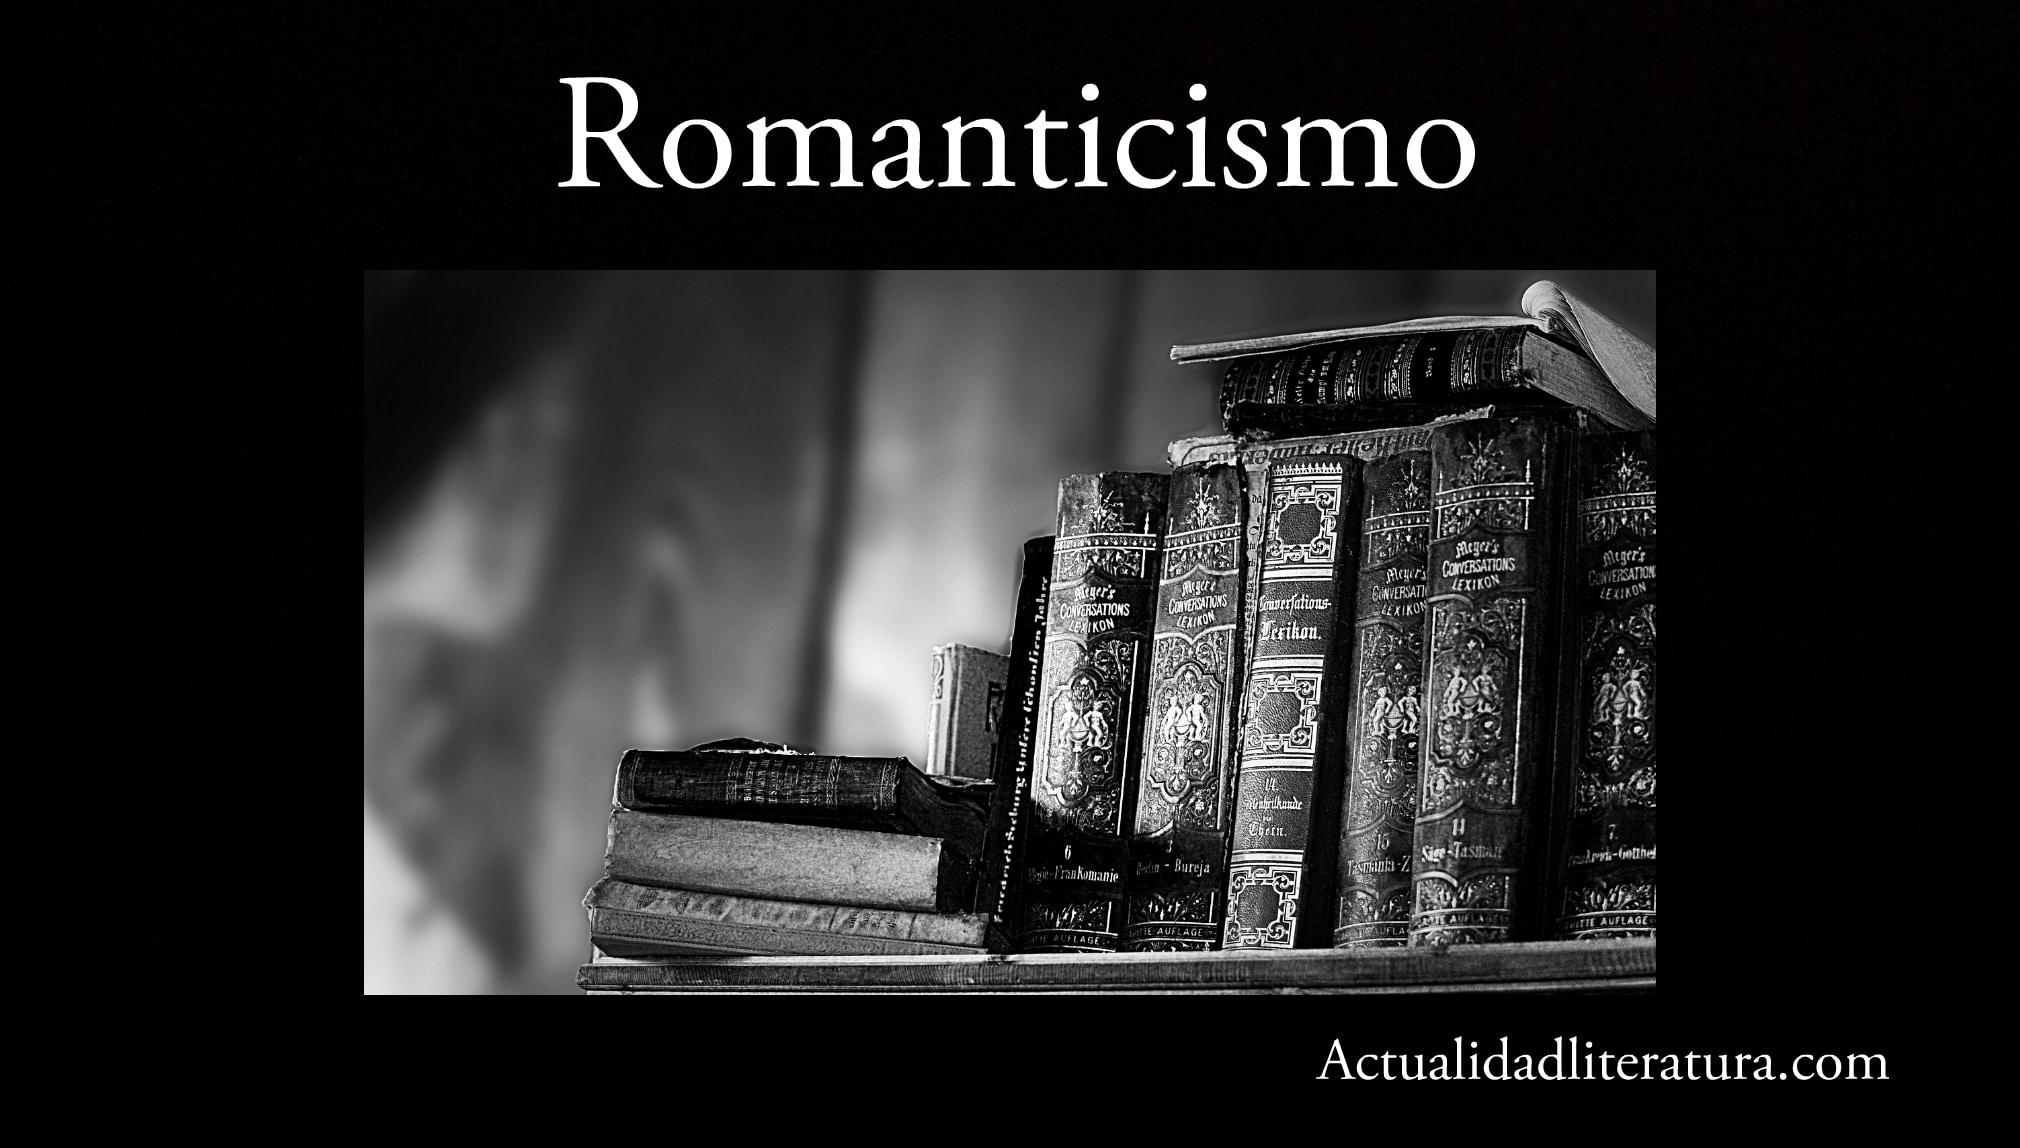 Romanticismo.